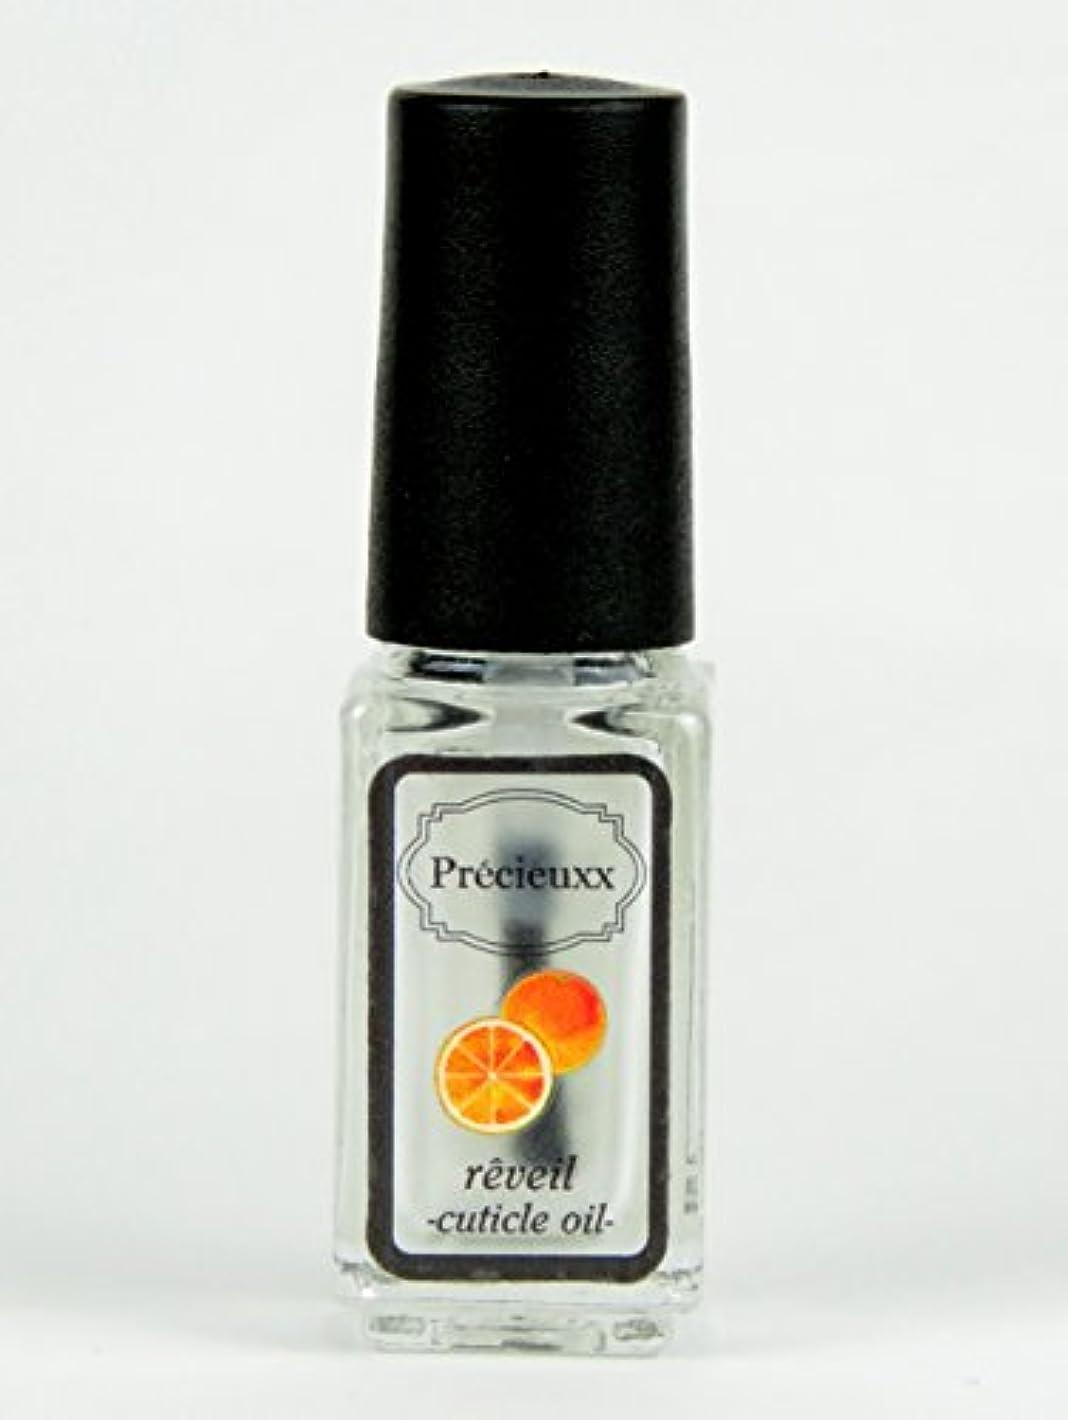 オーガニック ネイルオイル Precieuxx(プレシュー) ネイルアンドキューティクルボタニカルオイル 5ml オレンジ